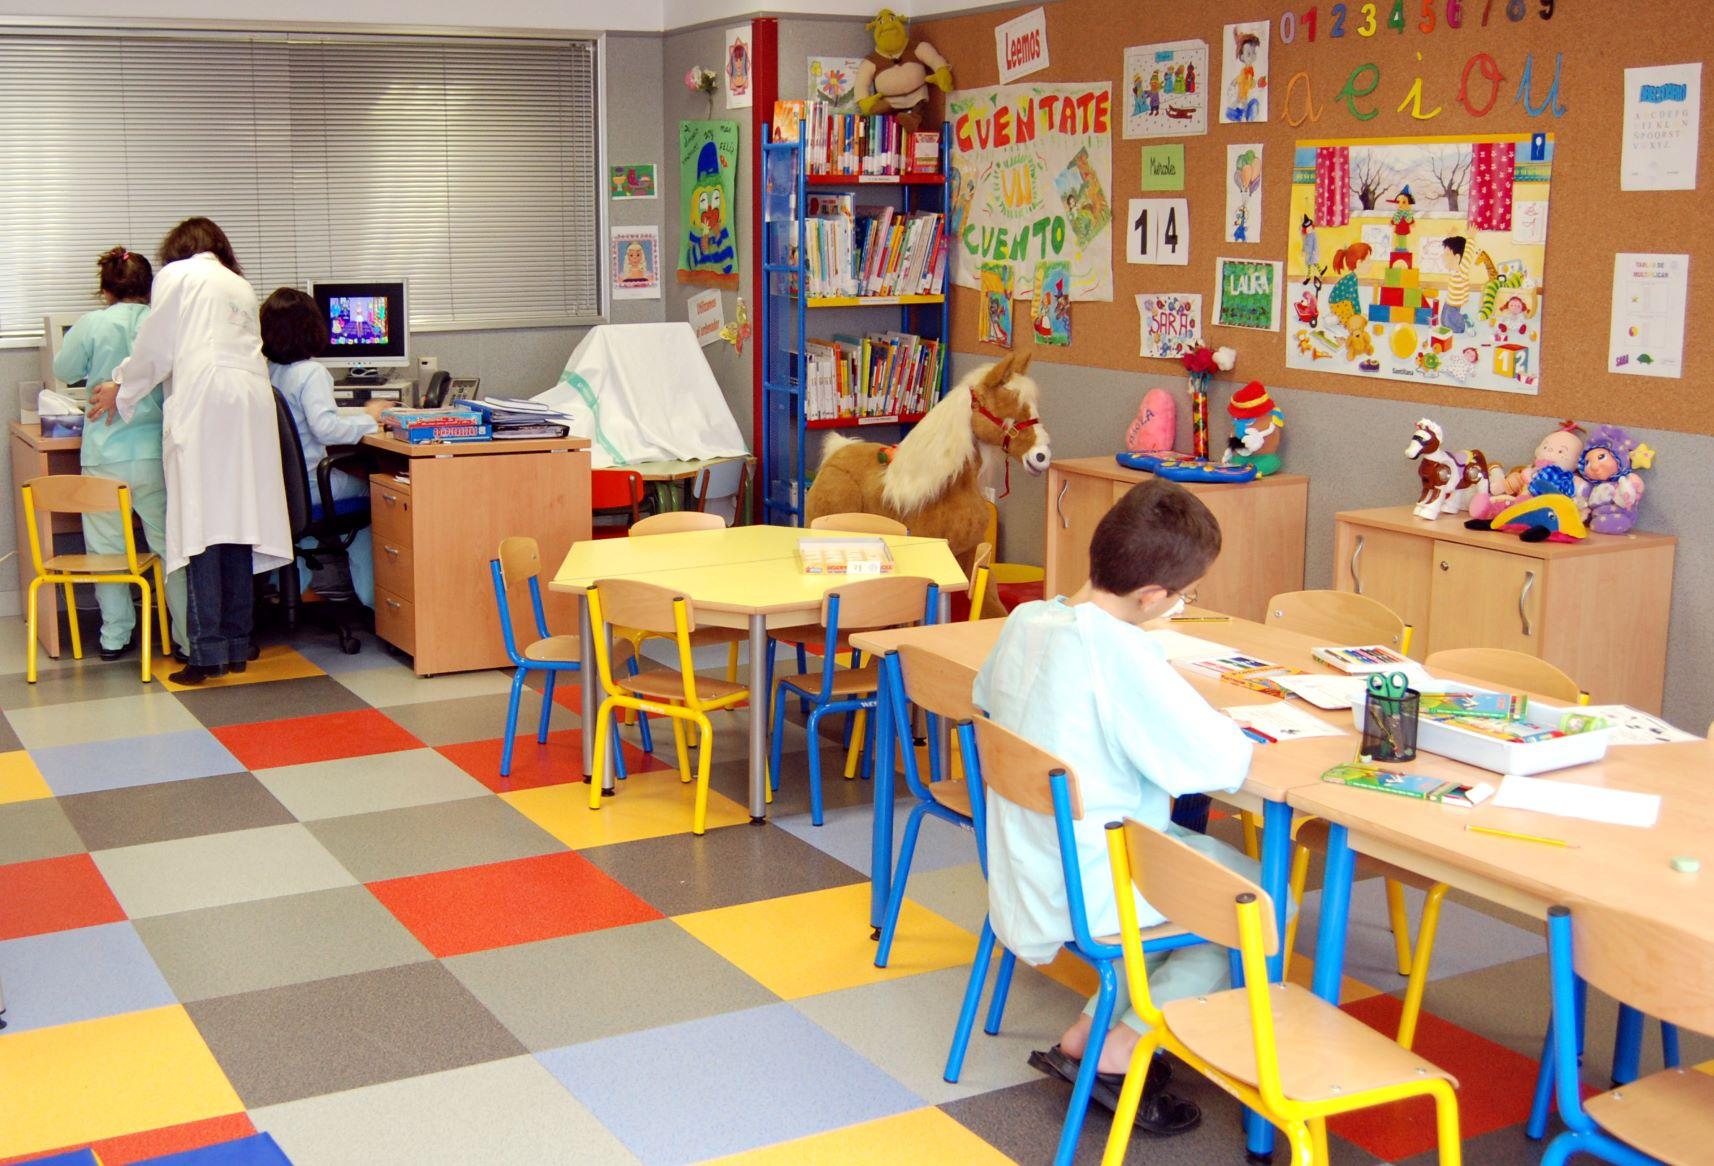 Aula-de-Pediatria-del-Hospital-de-Talavera